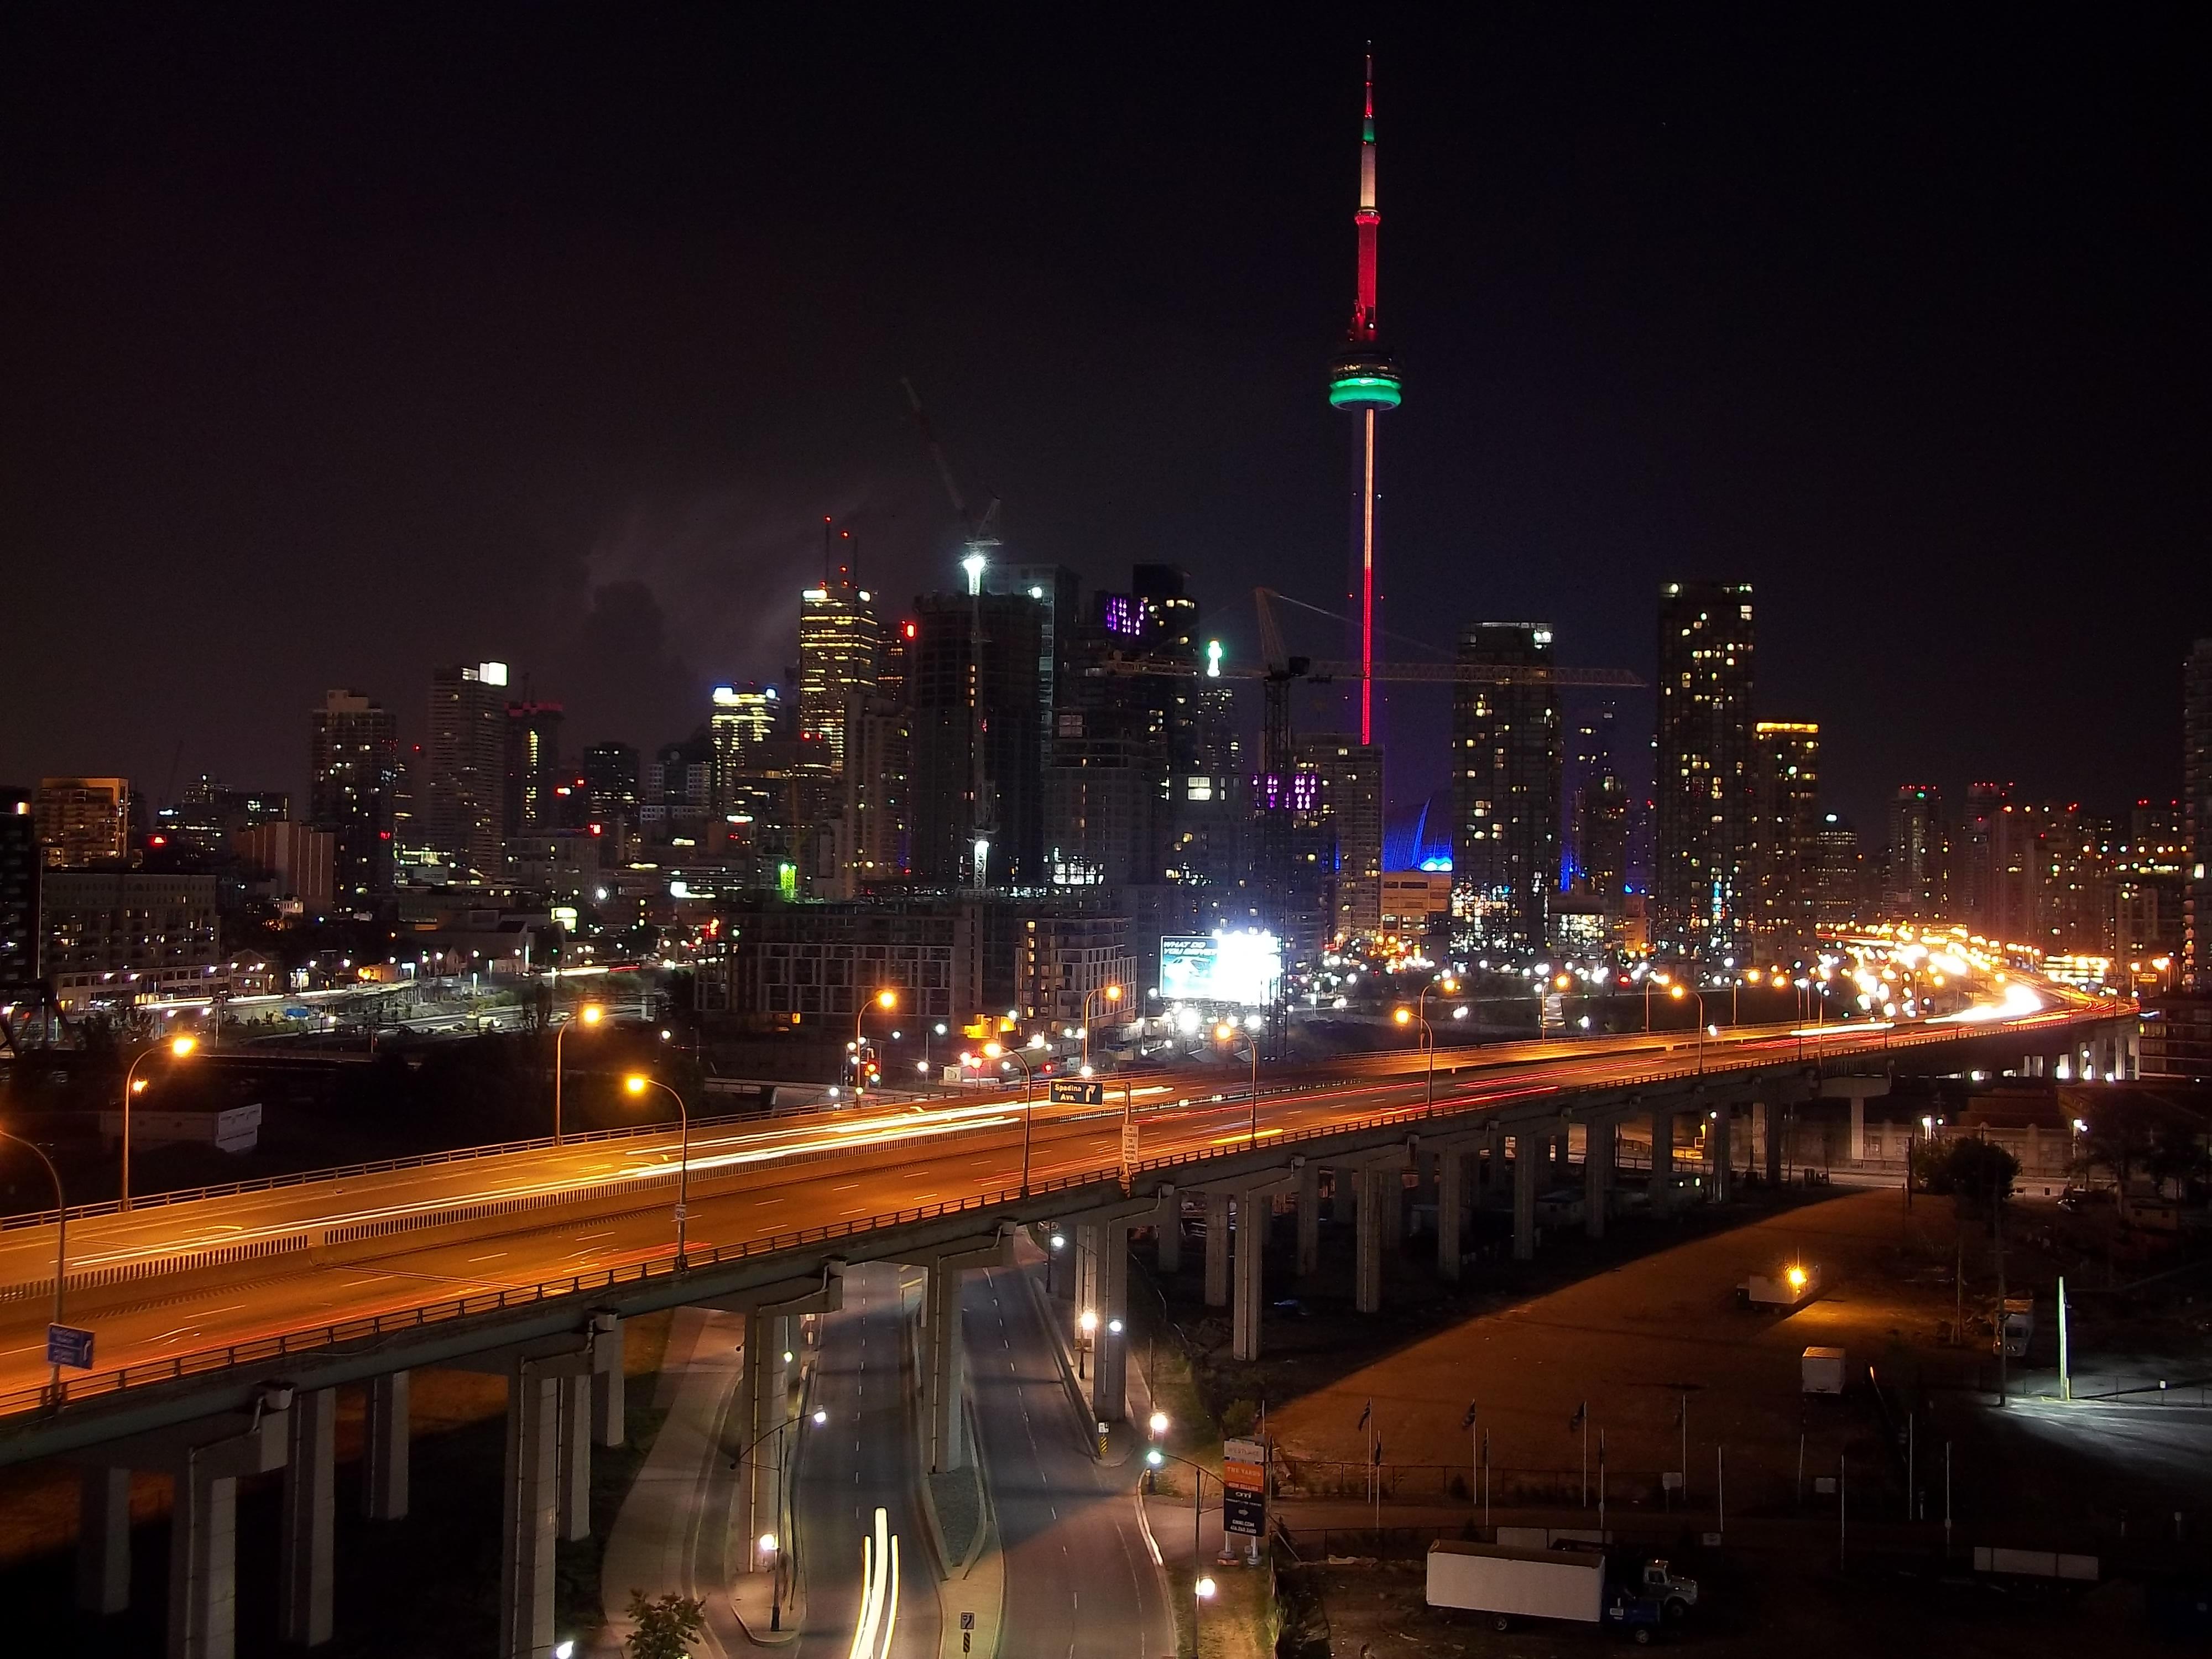 August 2011: File:Stormy Skies In Toronto (August 2011).jpg